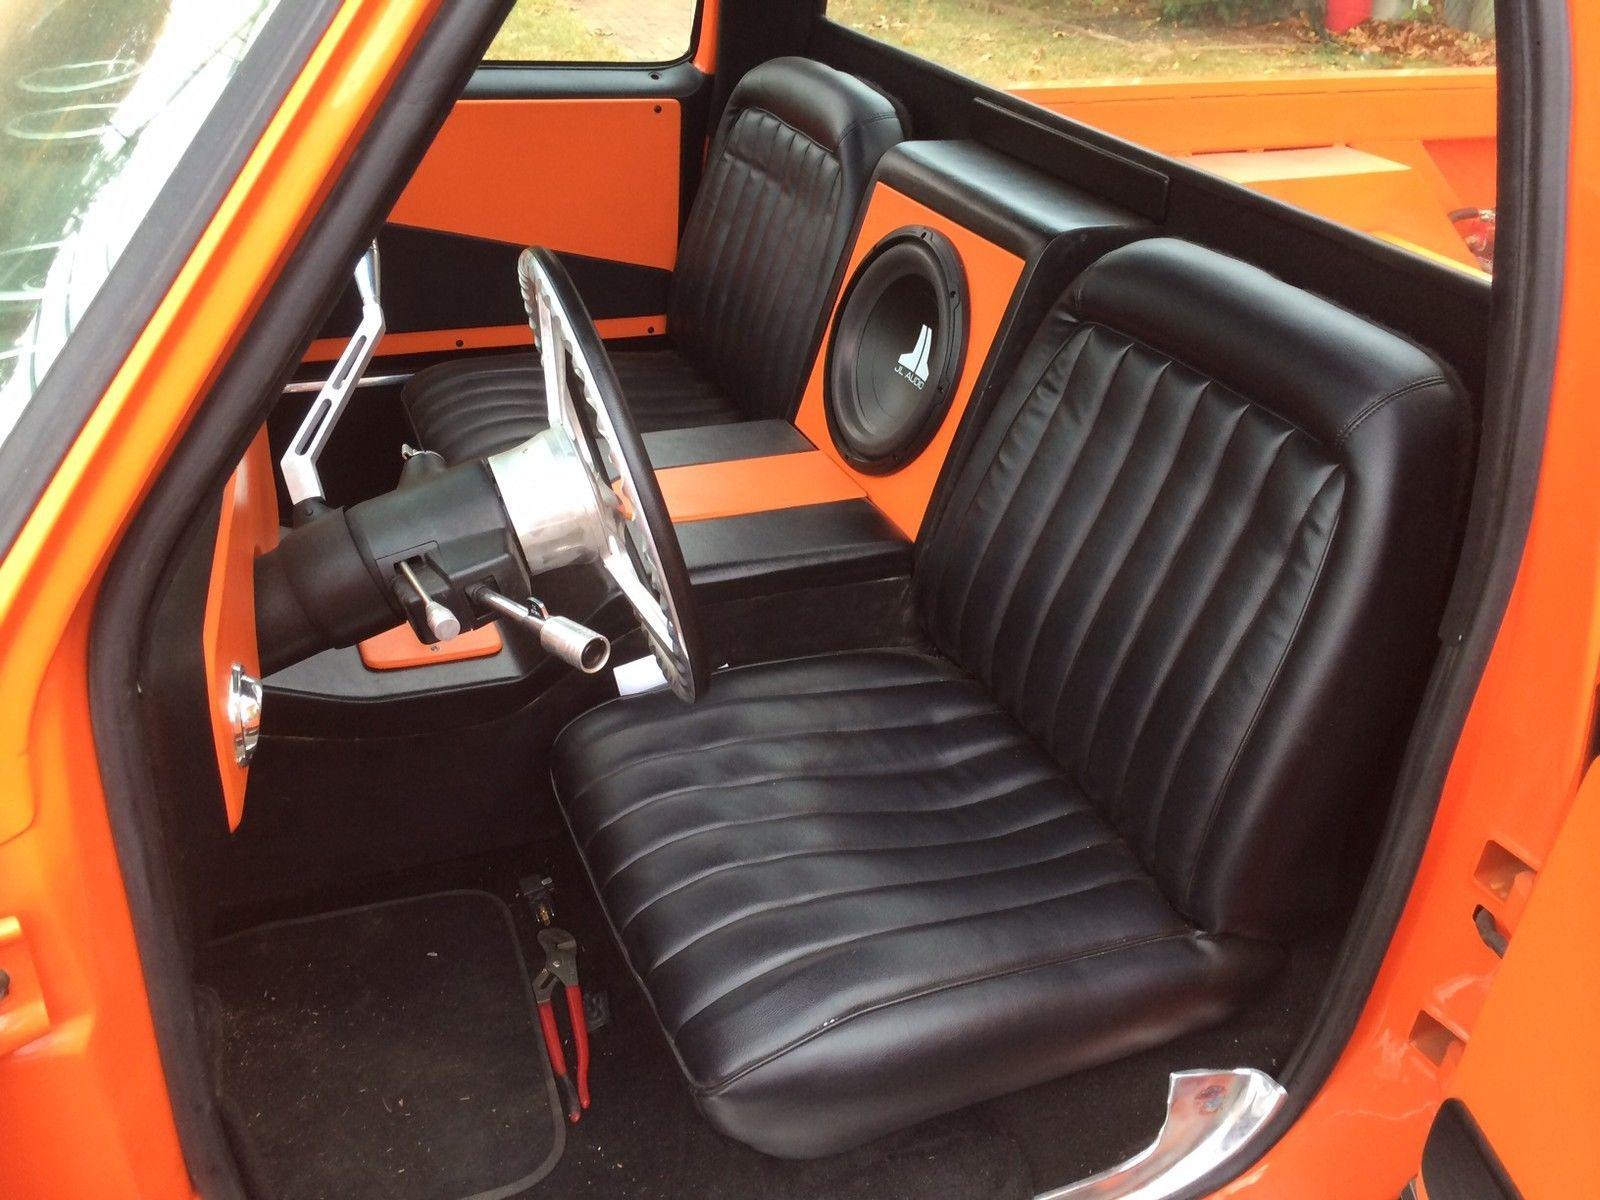 1994 Silverado Custom Interior